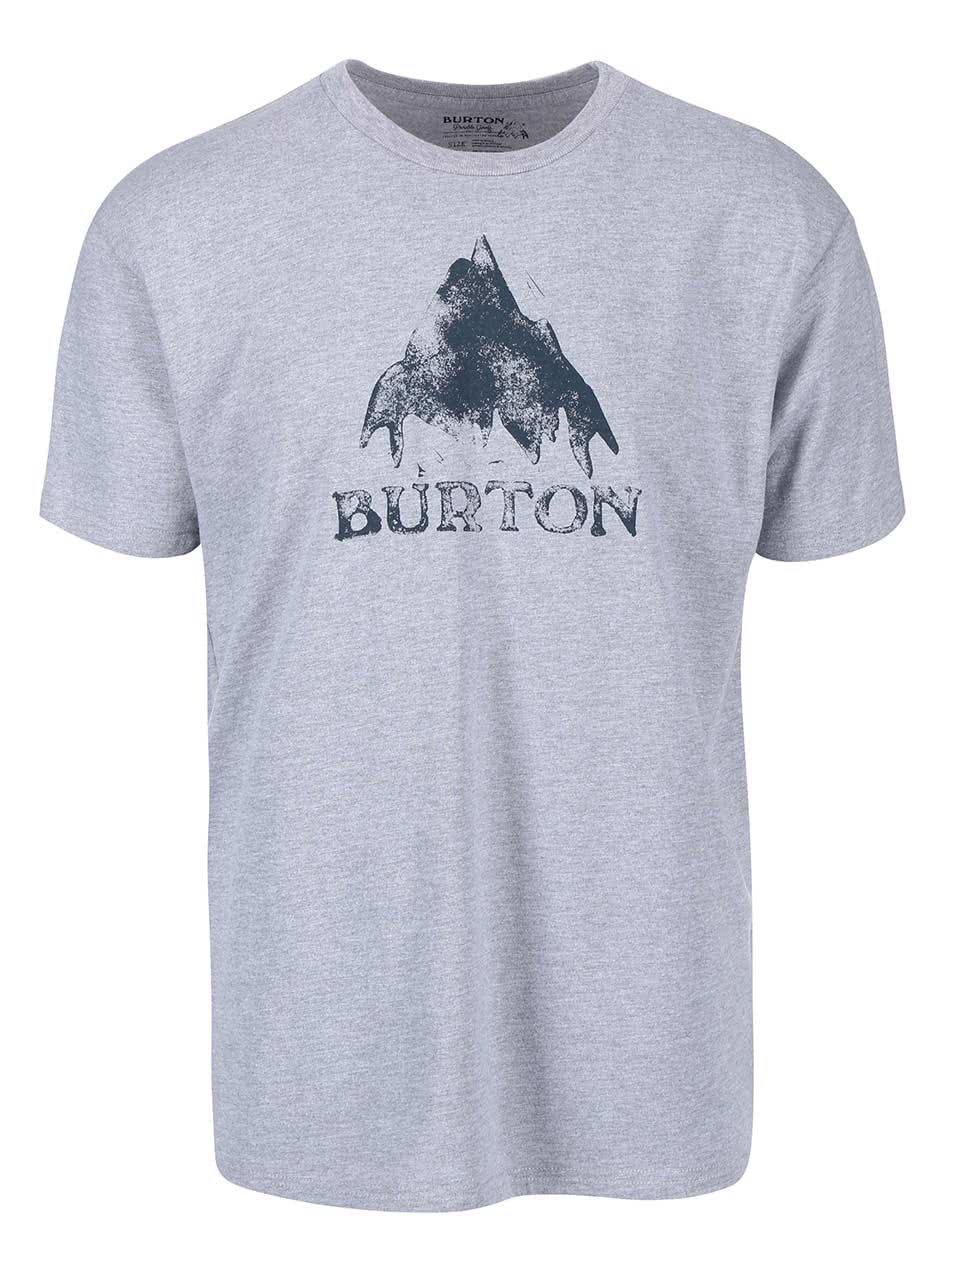 Světle šedé pánské triko Burton Stamped Mountain